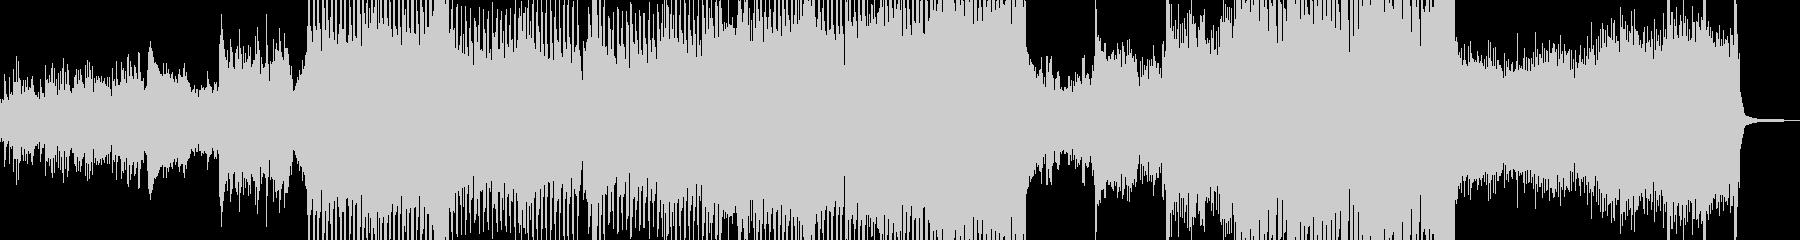 おとぎ話テイストなメルヘンテクノの未再生の波形